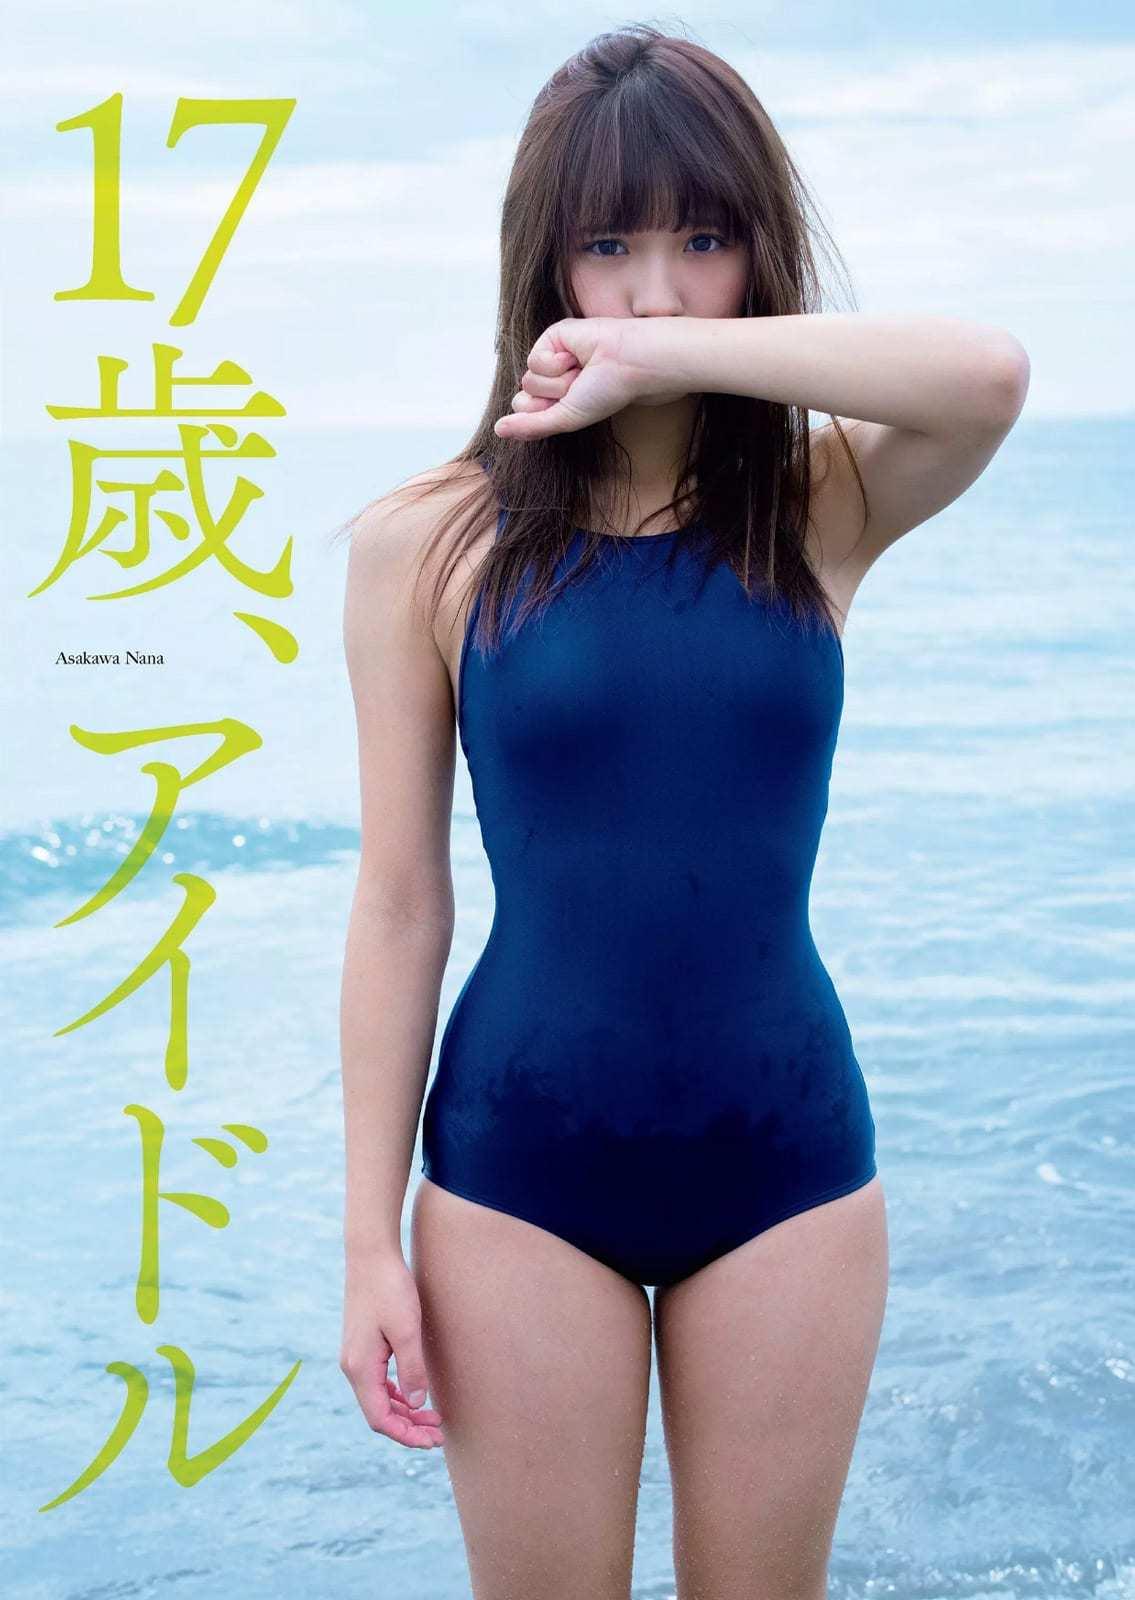 「週刊プレイボーイ 2016 No.45」浅川梨奈のスクール水着グラビア